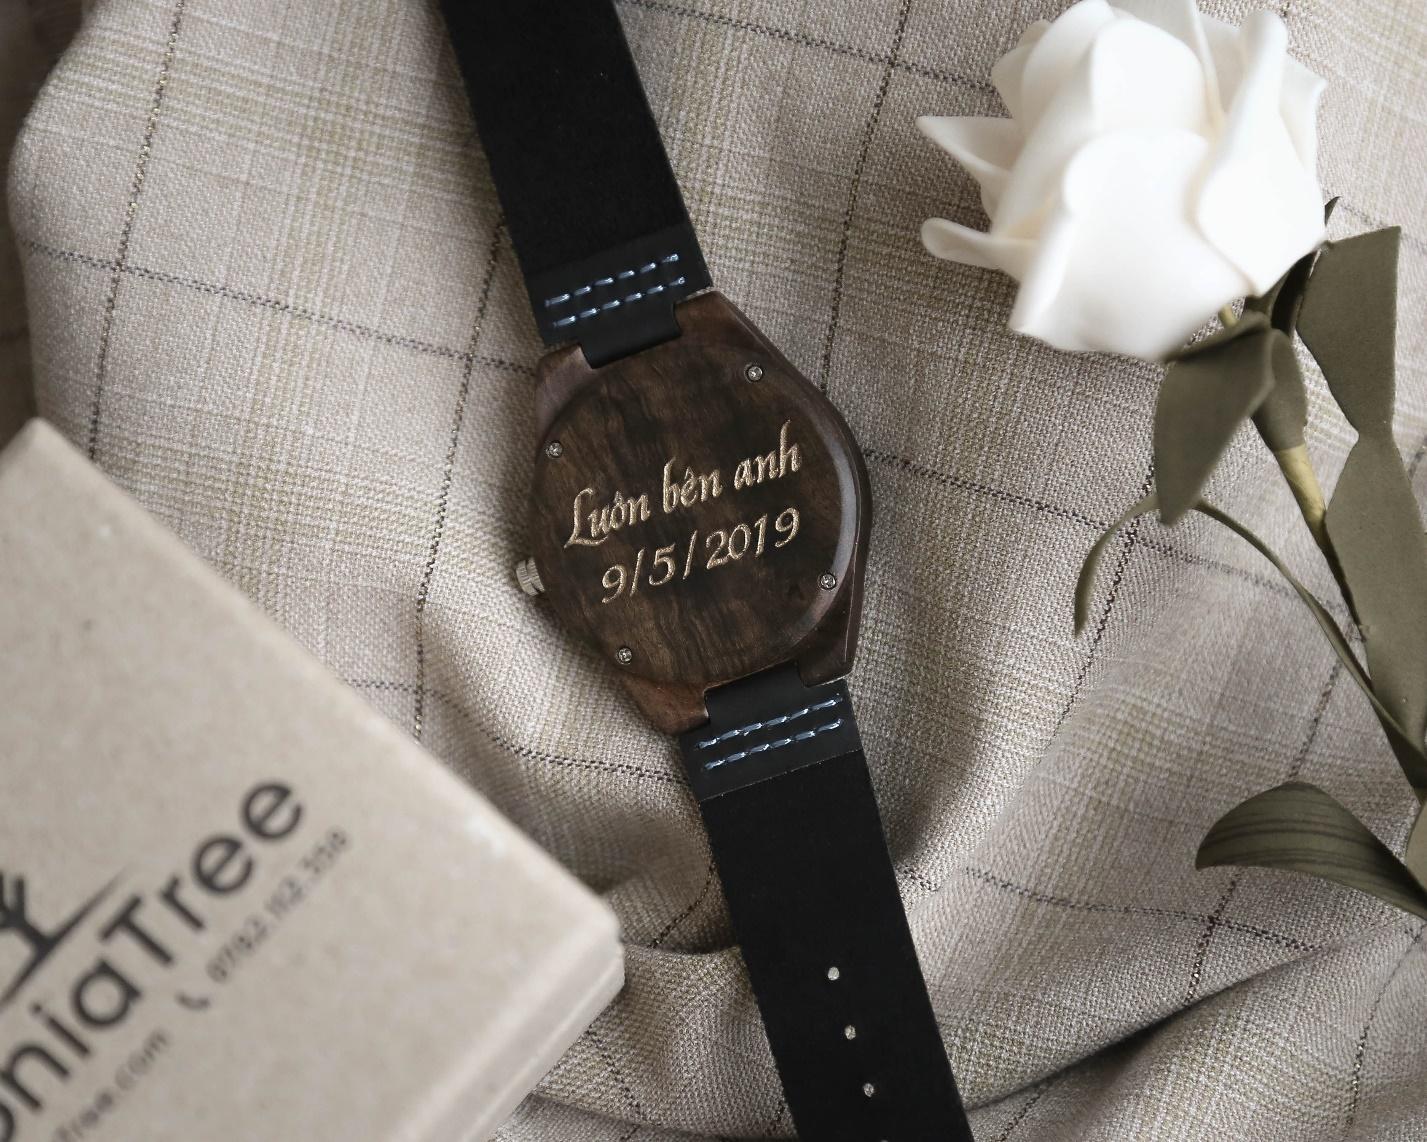 Đồng hồ đeo tay bằng gỗ - Sự khác biệt với nét đẹp cổ điển mang hơi thở hiện đại - Ảnh 4.